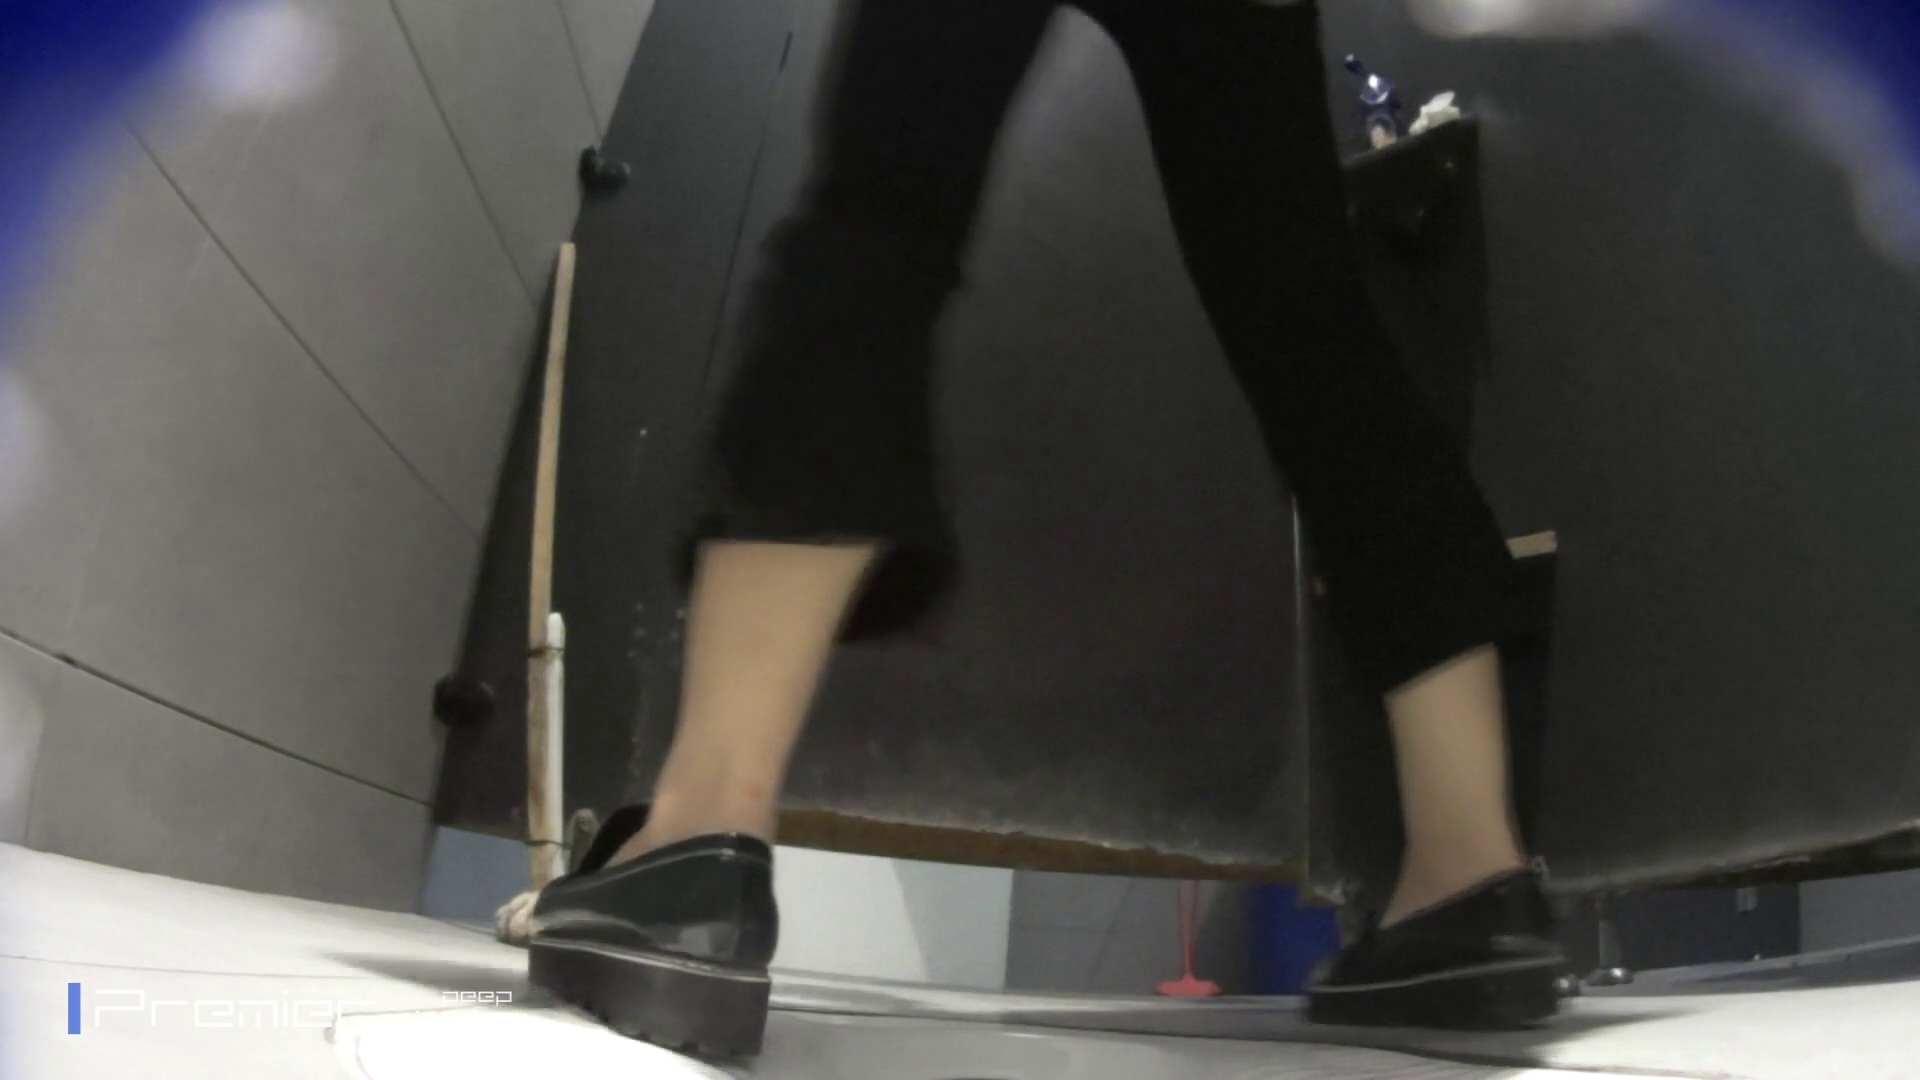 トイレットペーパーを握りしめ個室に入る乙女 大学休憩時間の洗面所事情83 洗面所 オマンコ無修正動画無料 98pic 3